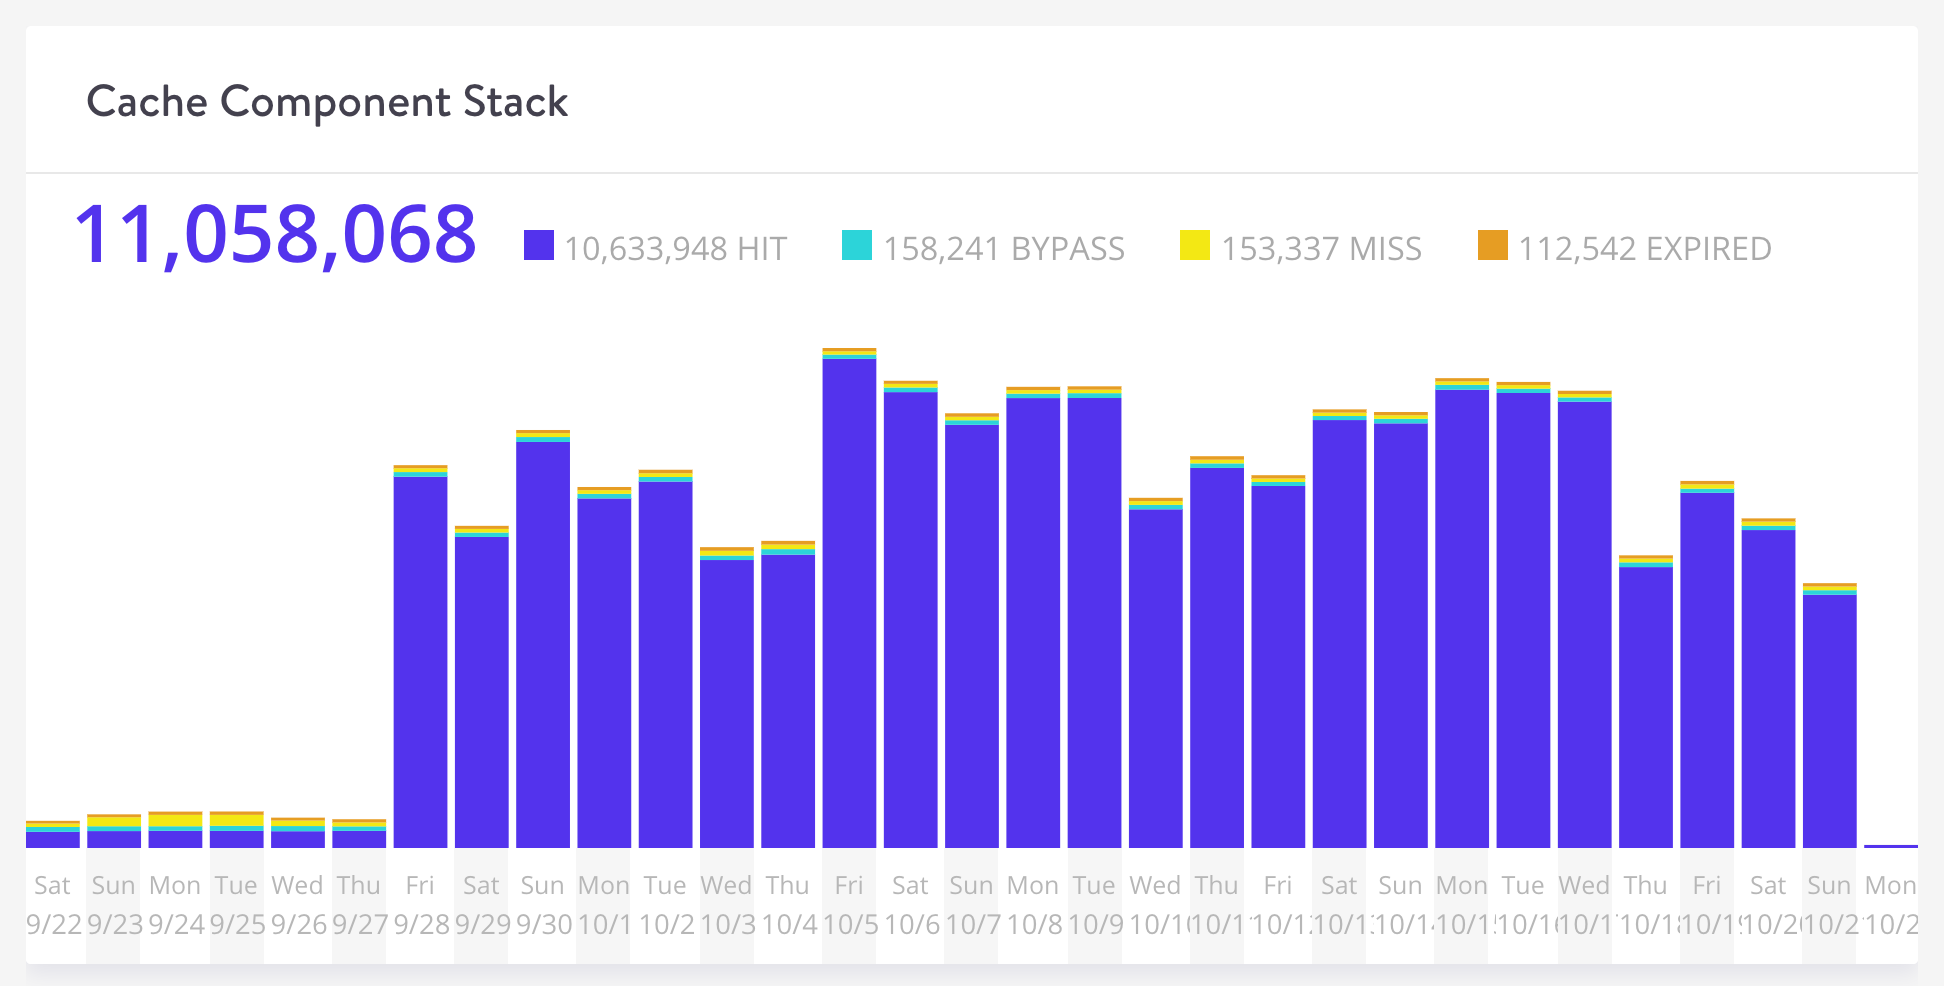 Cache component stack di Kinsta